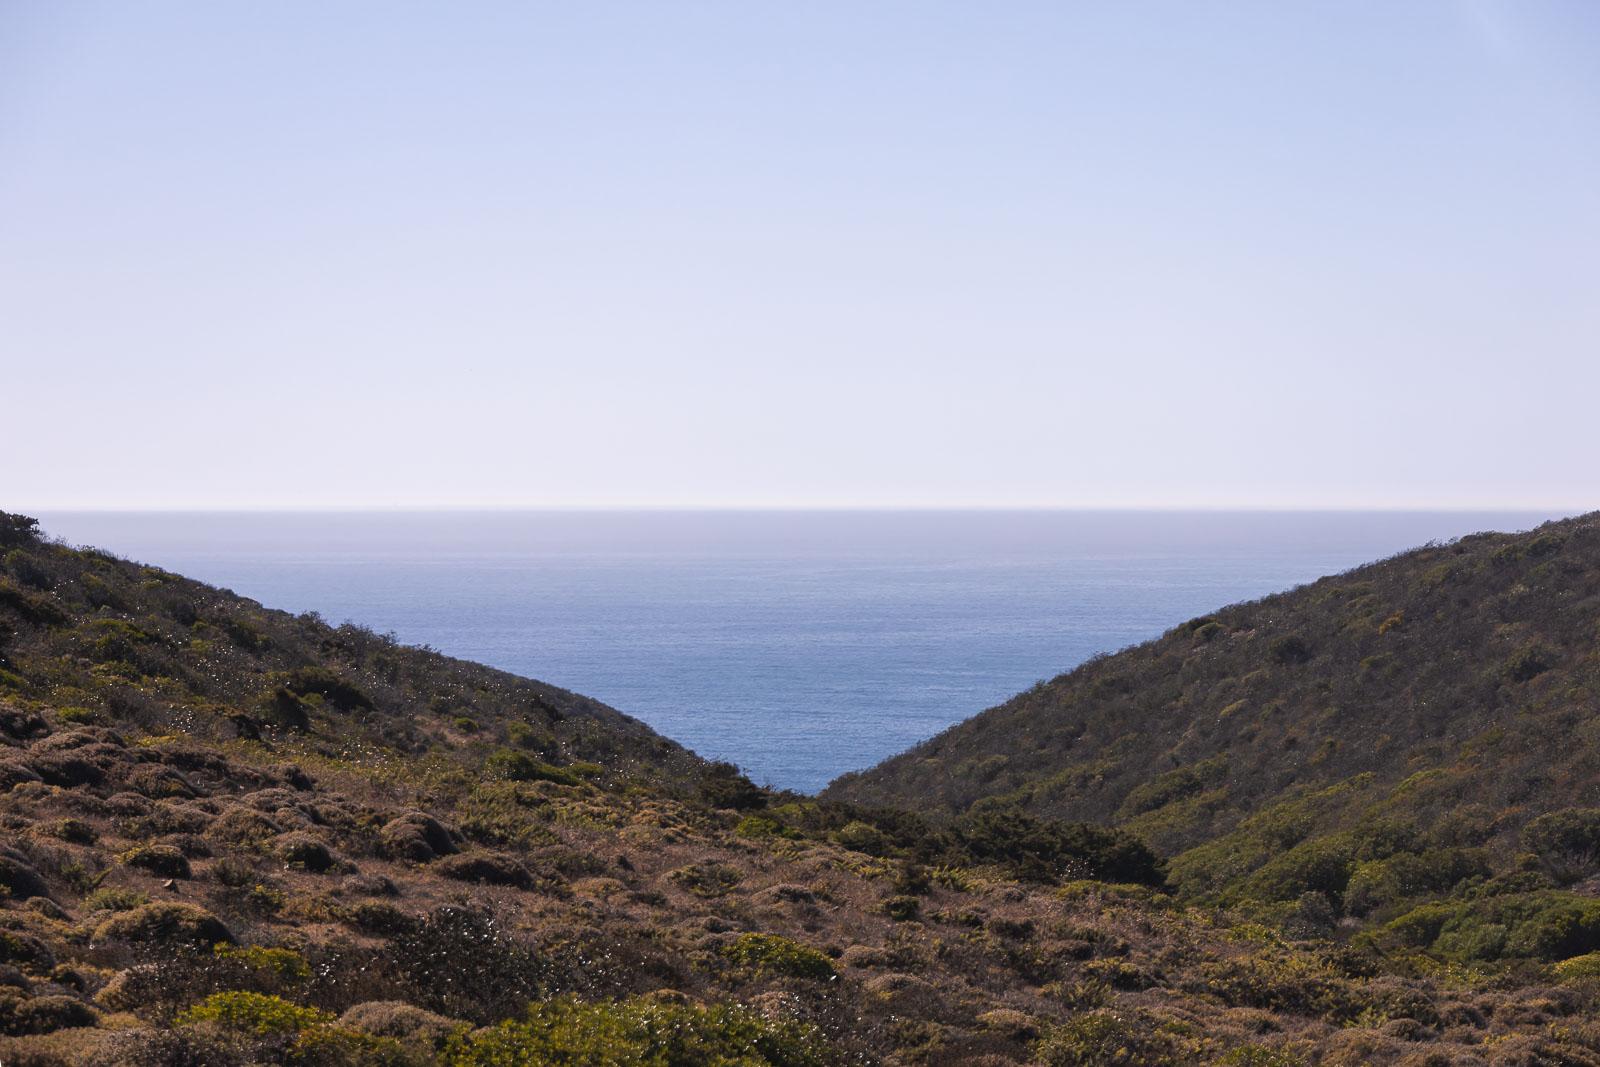 8ª Etapa do Trilho dos Pescadores, da Carrapateira ao Cabo de São Vicente_Num Postal